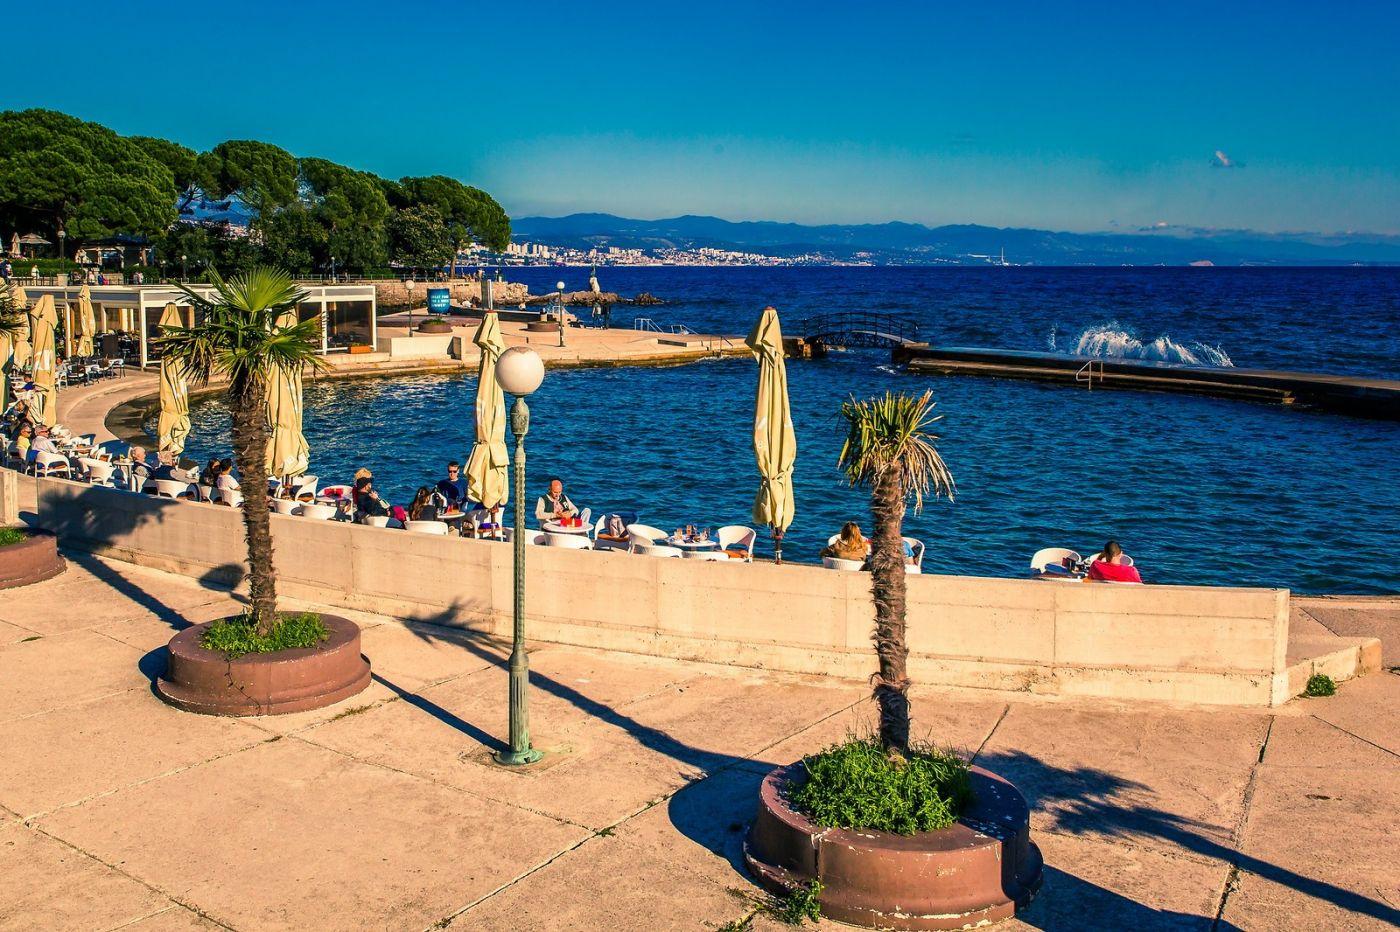 克罗地亚奥帕蒂亚(Opatija),洒满阳光的海滨城市_图1-20